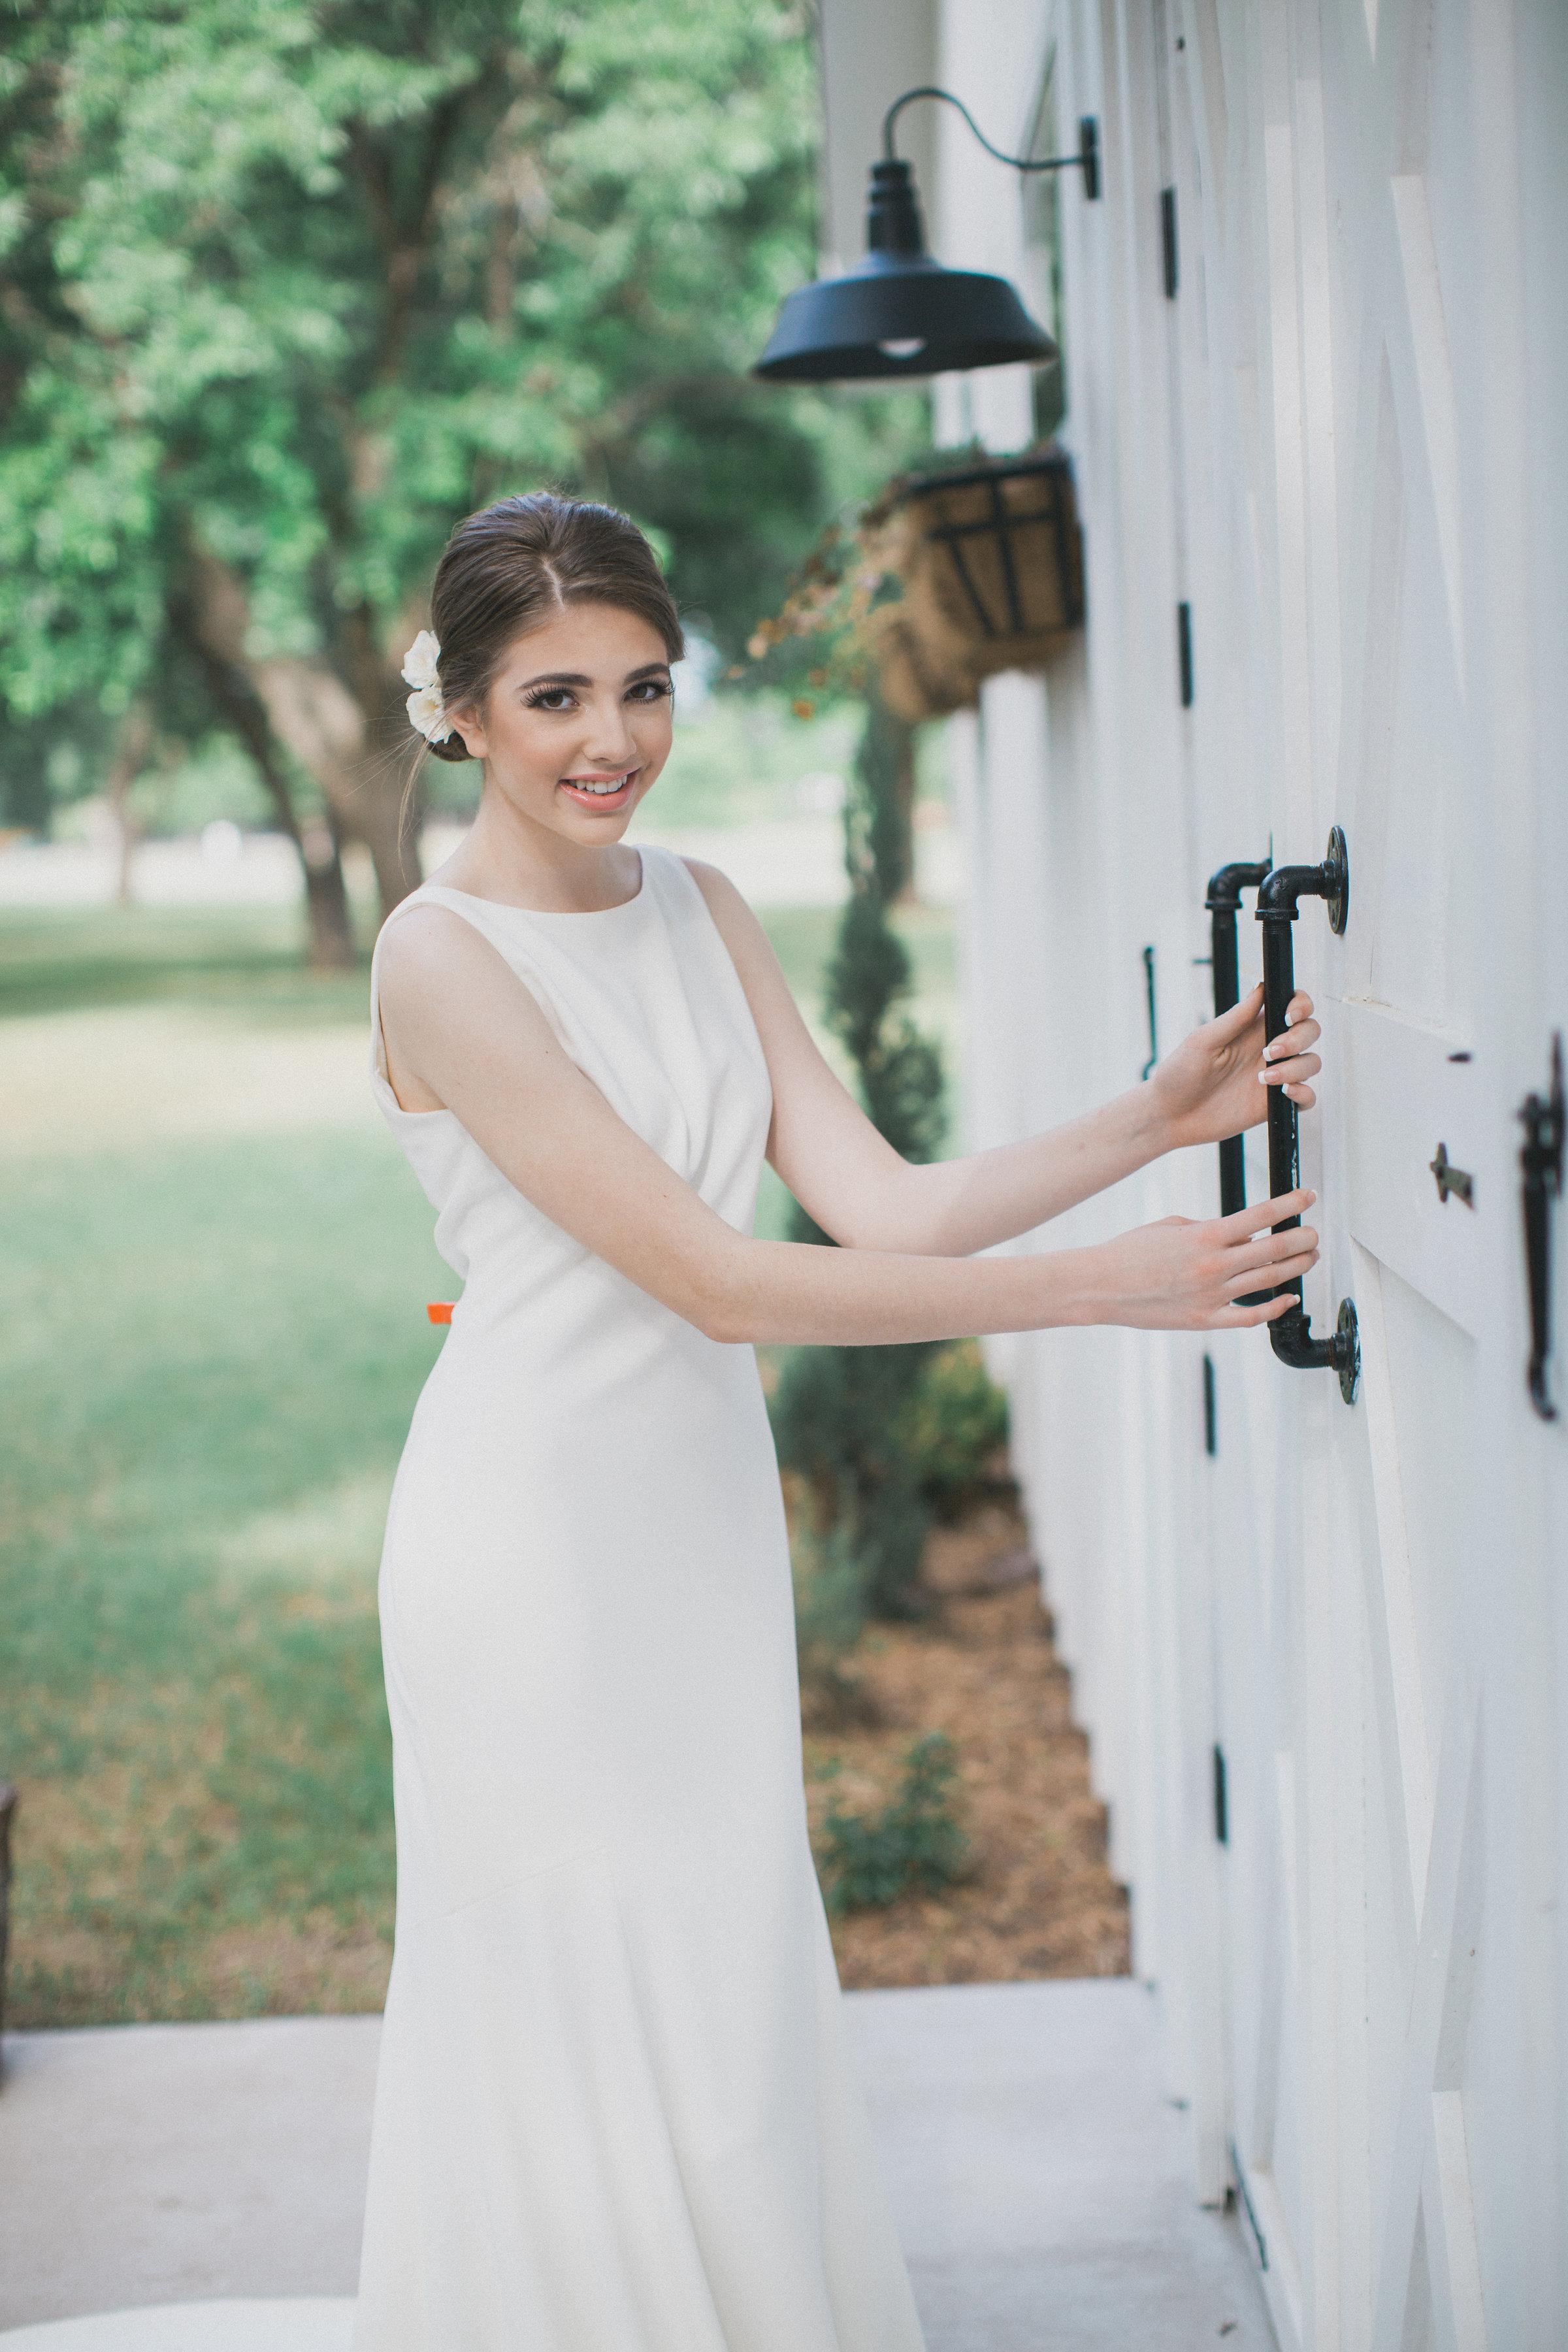 White Barn Wedding | Southern Summer White Barn Wedding in Dallas, TX